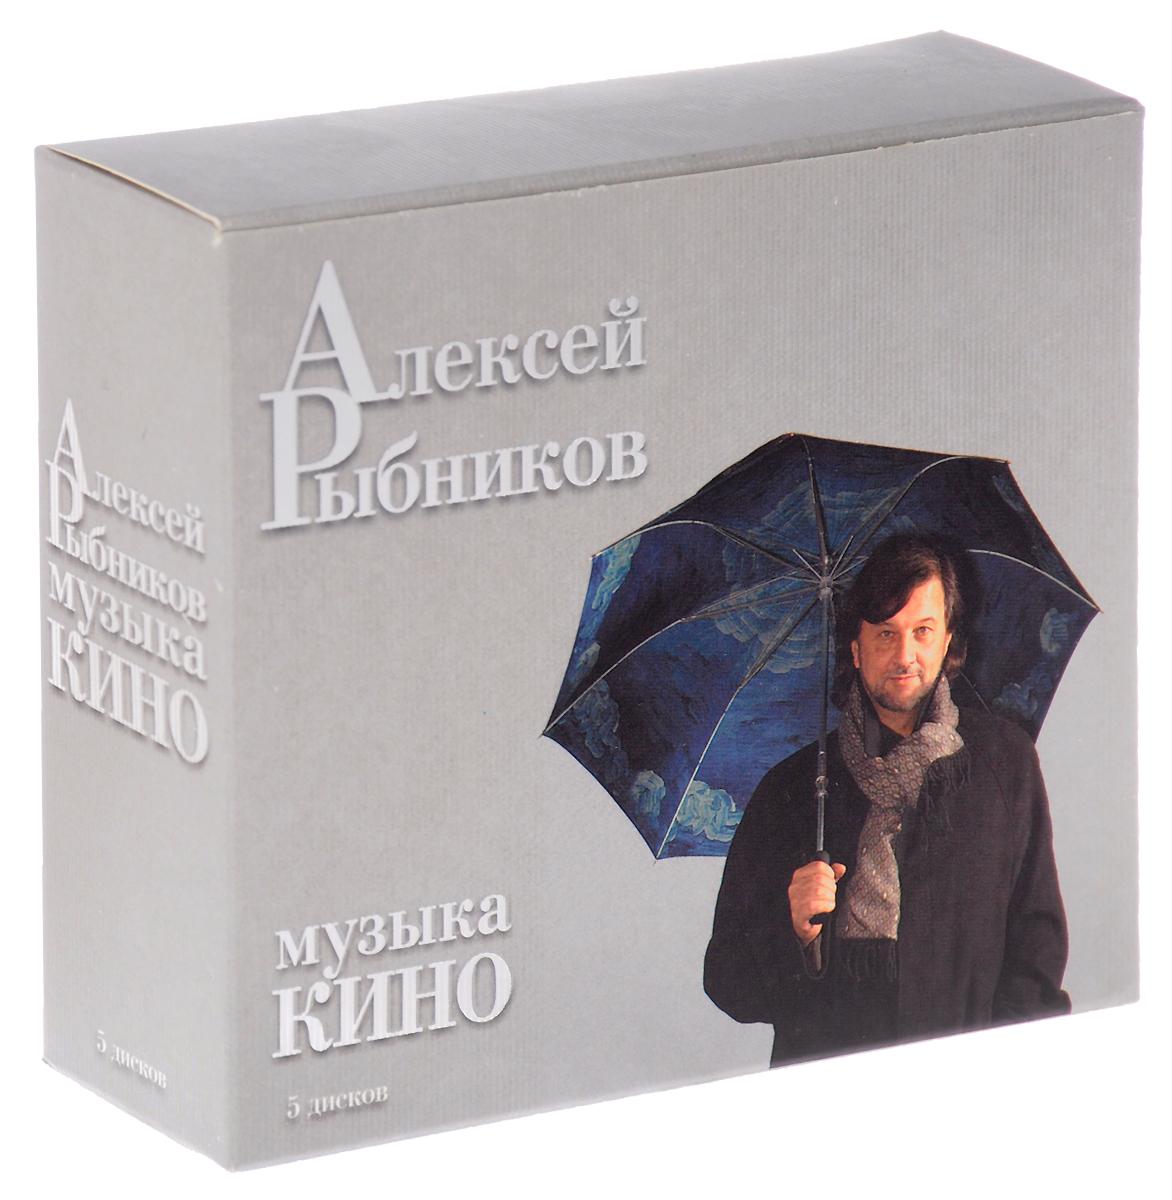 Алексей Рыбников. Музыка кино (5 CD) 2010 5 Audio CD